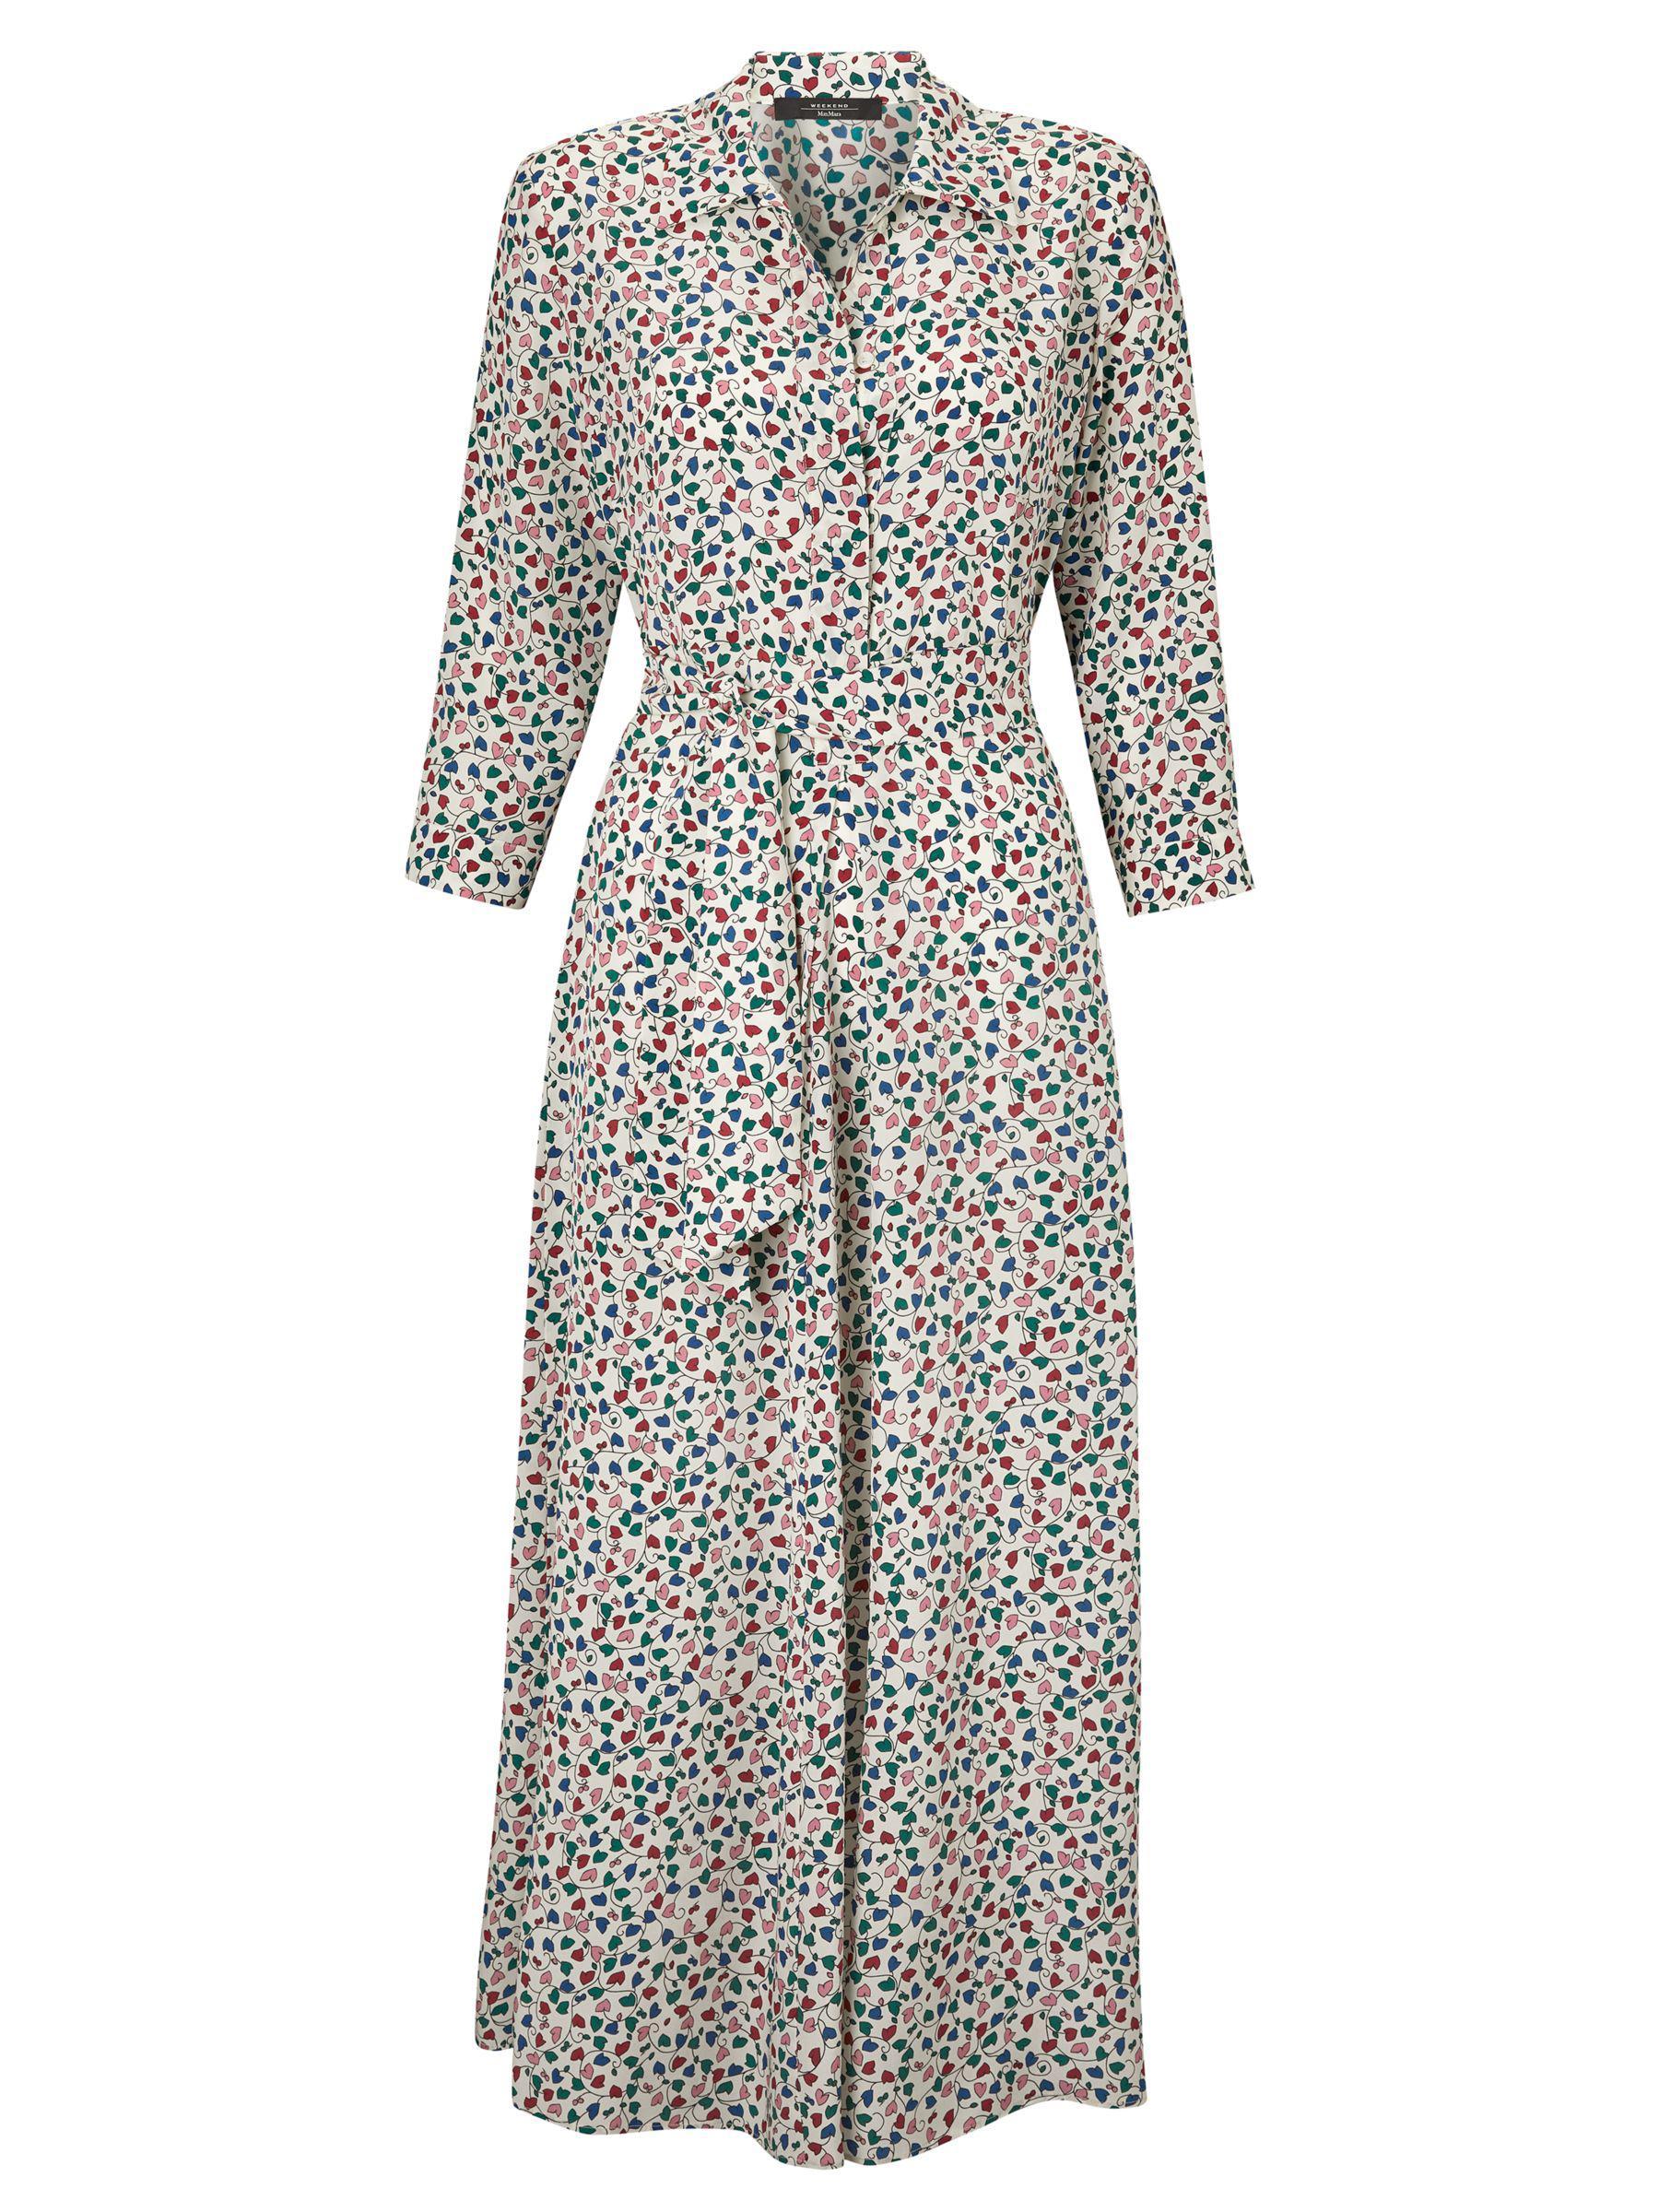 e9a7ab1e84d Weekend by Maxmara Ditsy Floral Print Silk Dress - Lyst